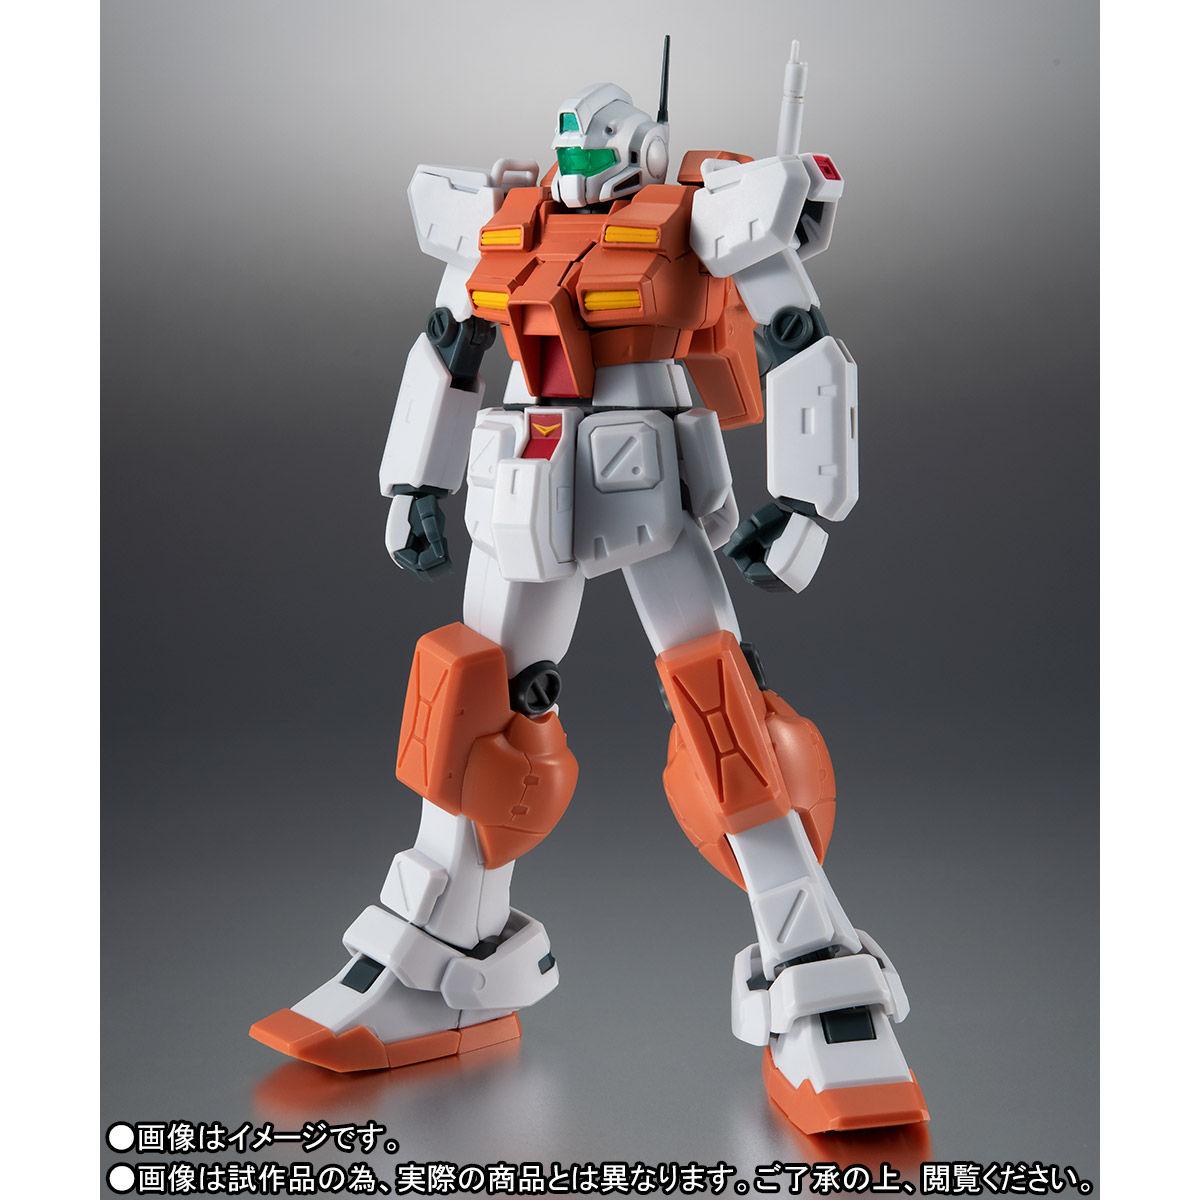 【限定販売】ROBOT魂〈SIDE MS〉『RGM-79 パワード・ジム ver. A.N.I.M.E.』ガンダム0083 可動フィギュア-002